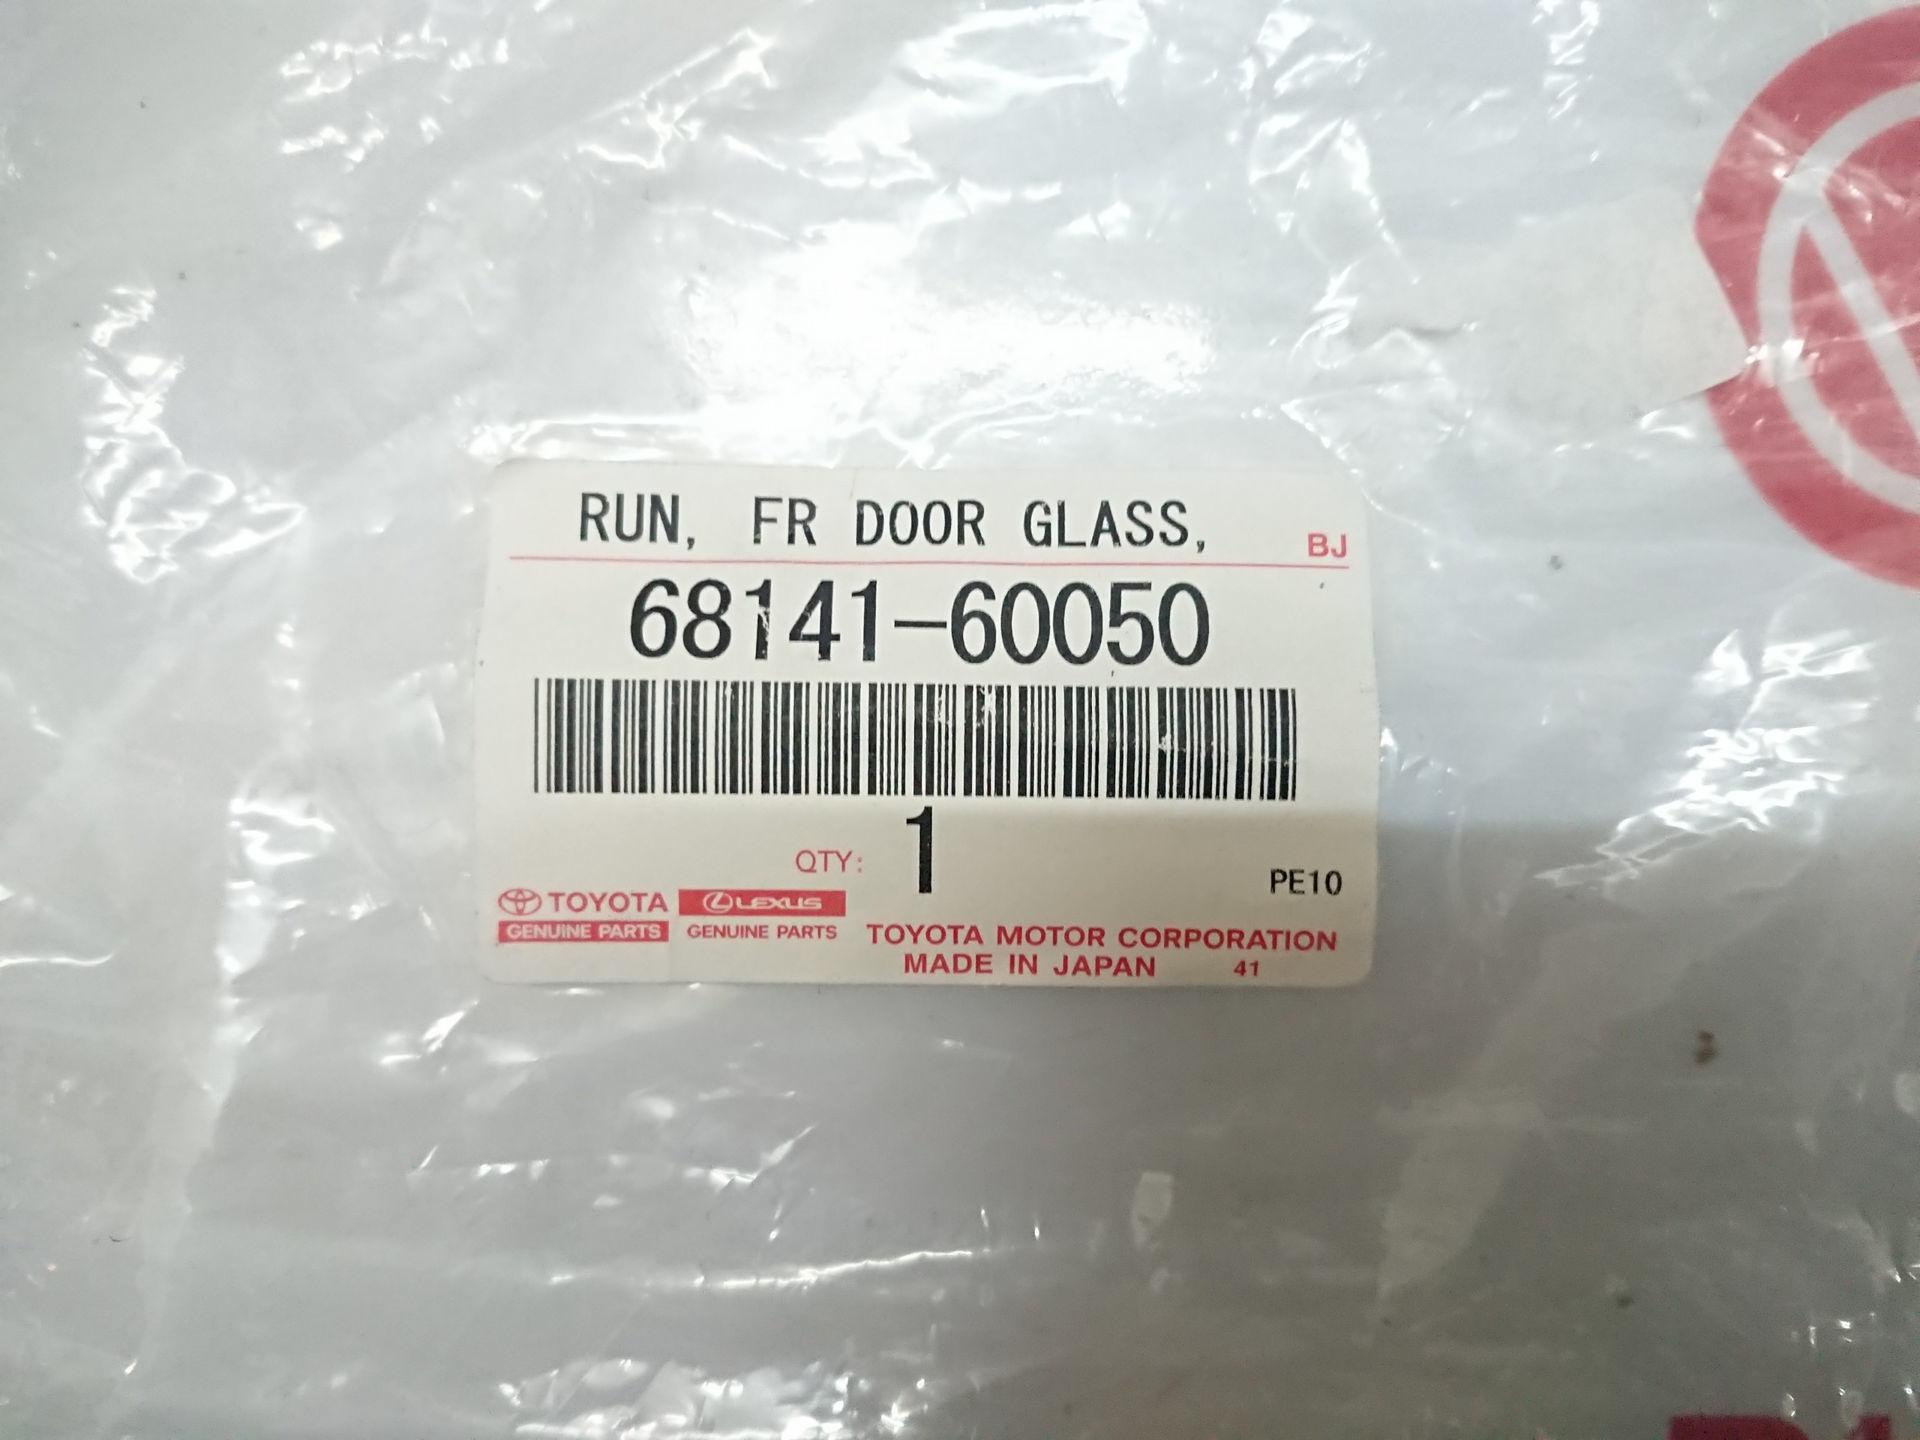 Picture of 68141-60050 Gioăng trượt kính Toyota Land Cruiser Prado GX470 chính hãng